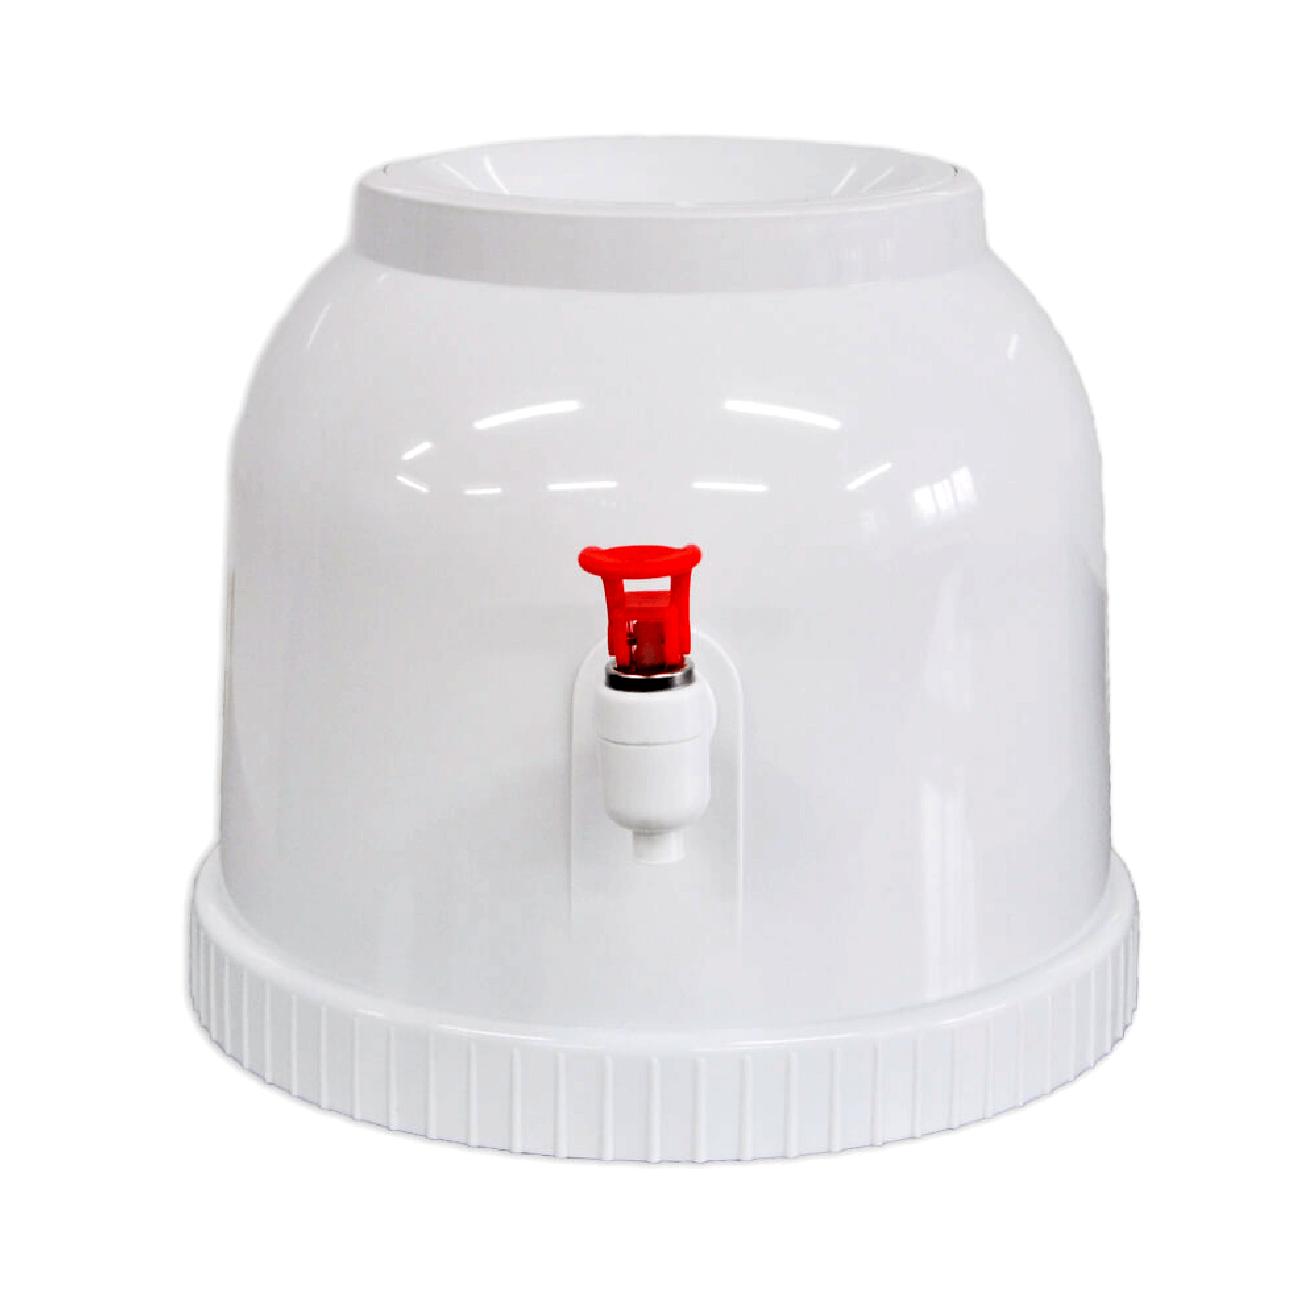 Диспенсеры - Диспенсер для воды PD-01